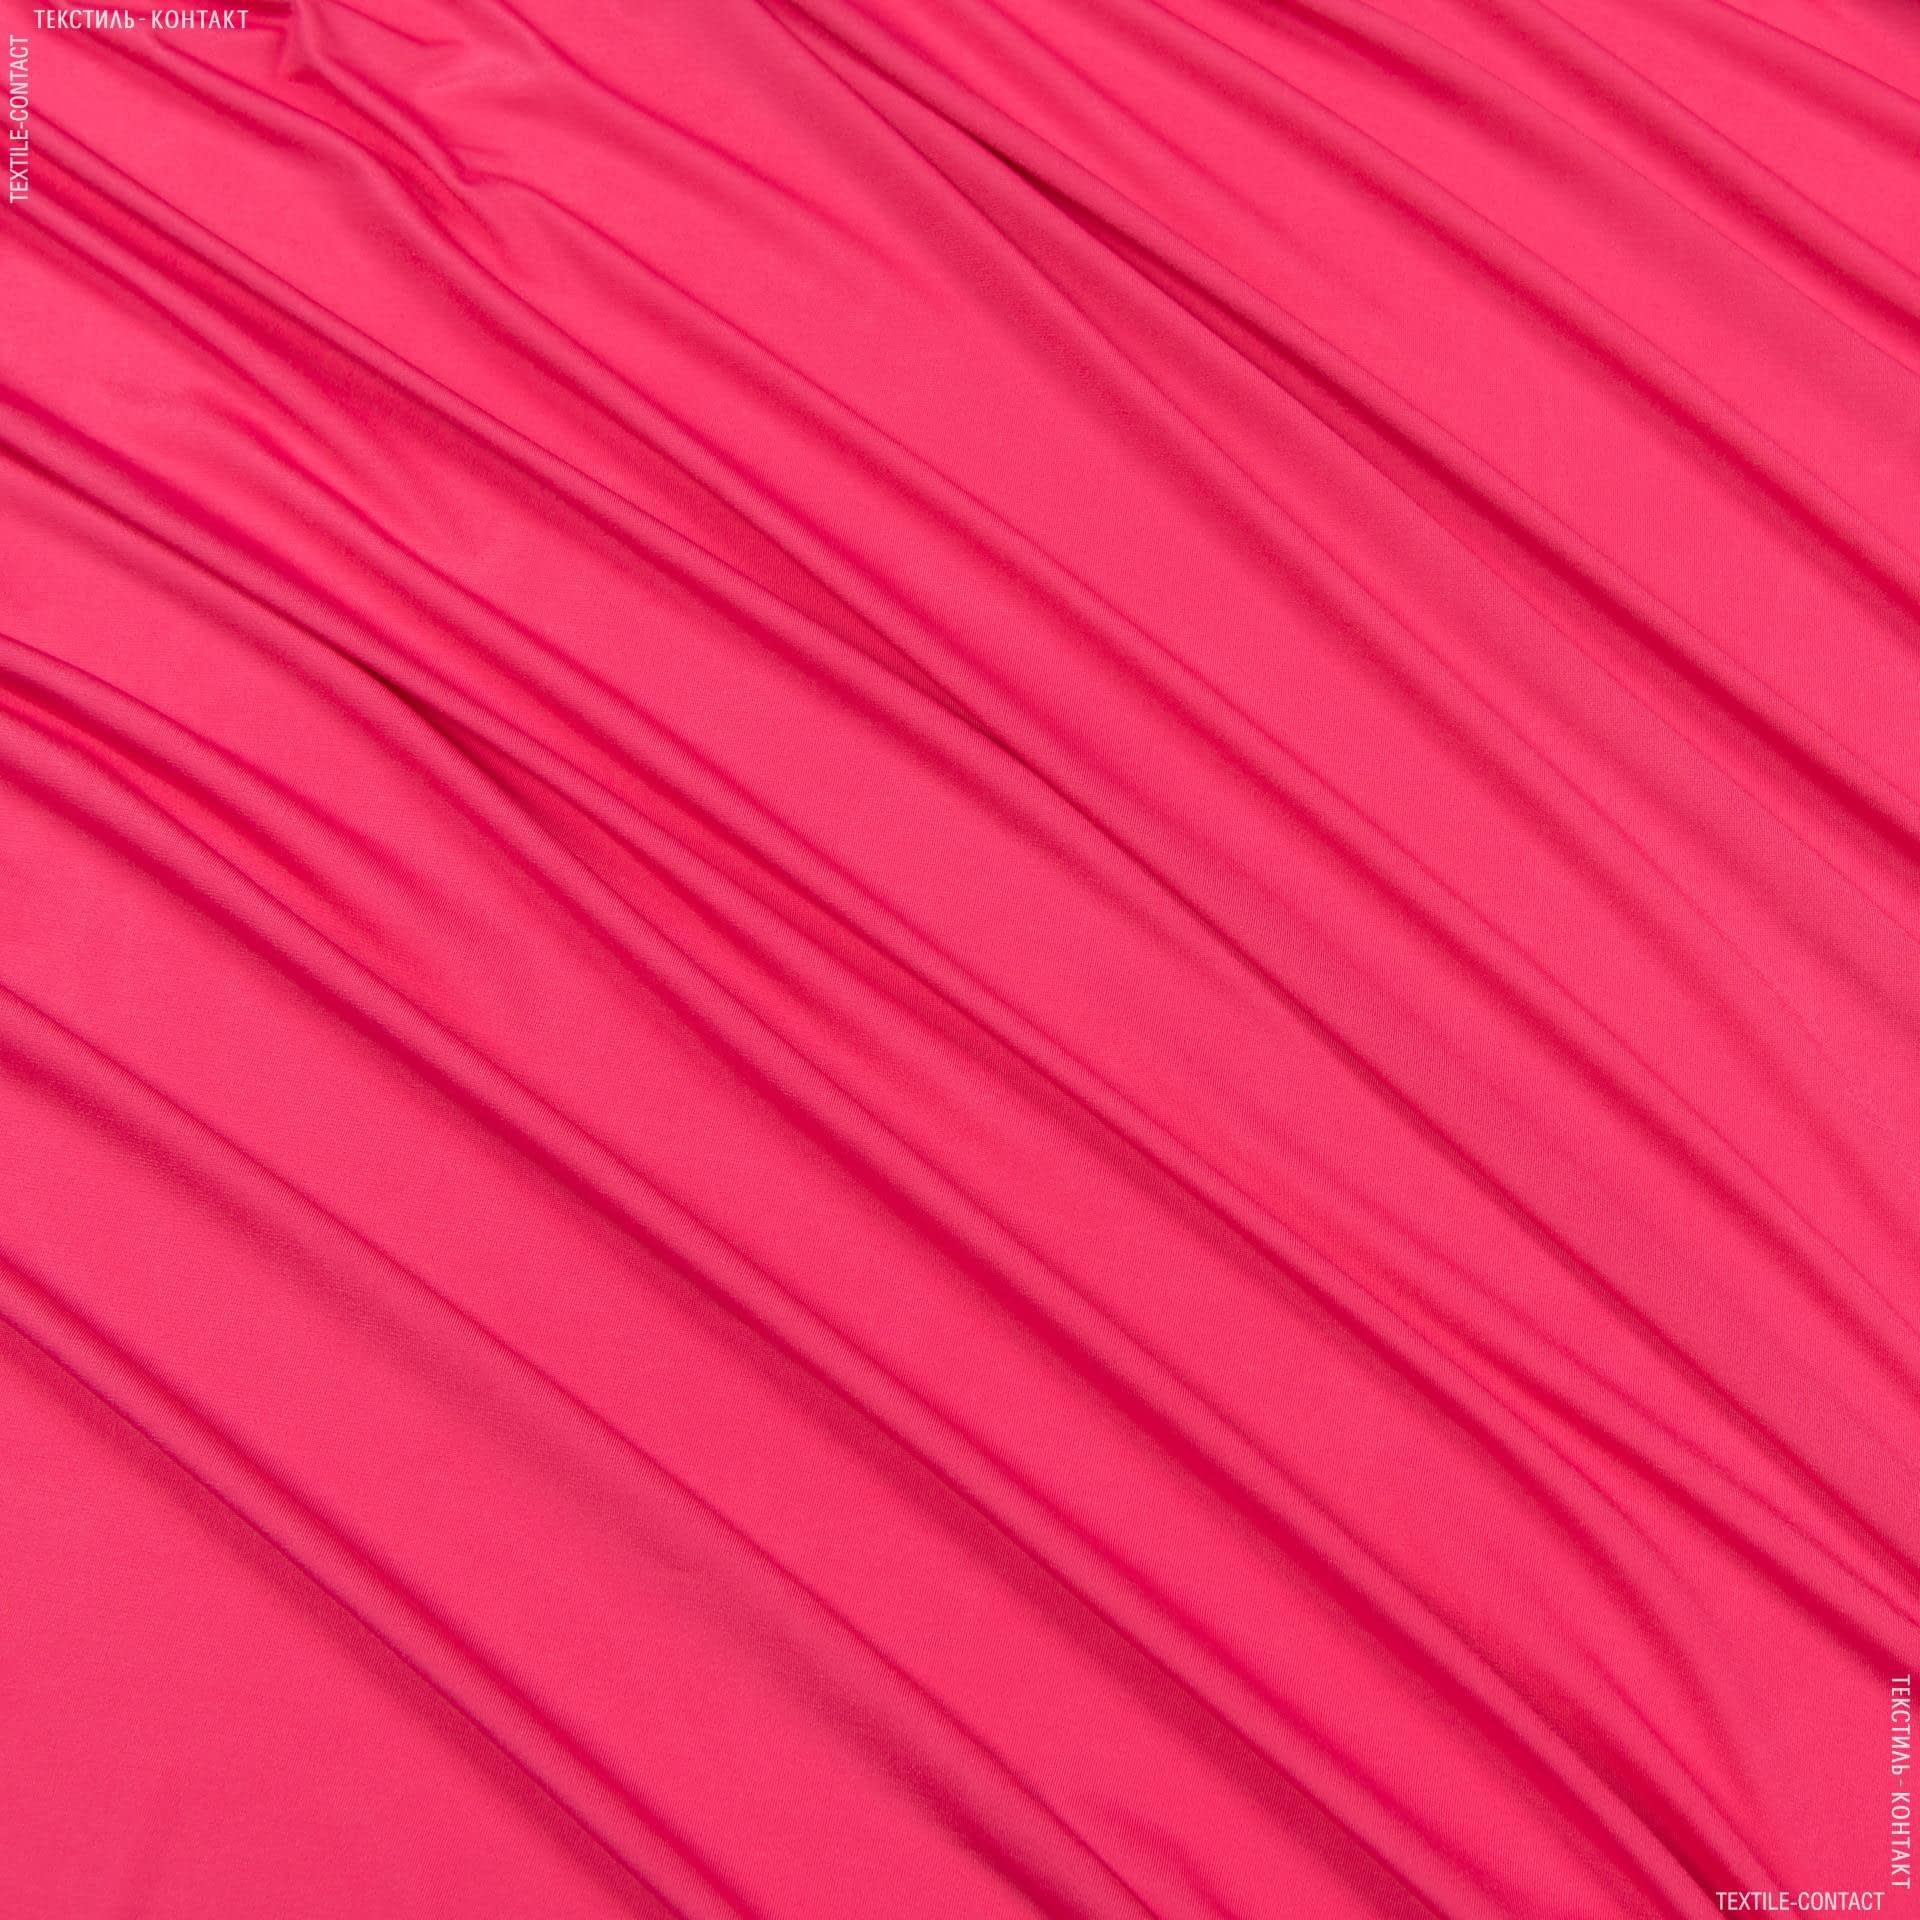 Тканини для суконь - Трикотаж масло світло-малиновий